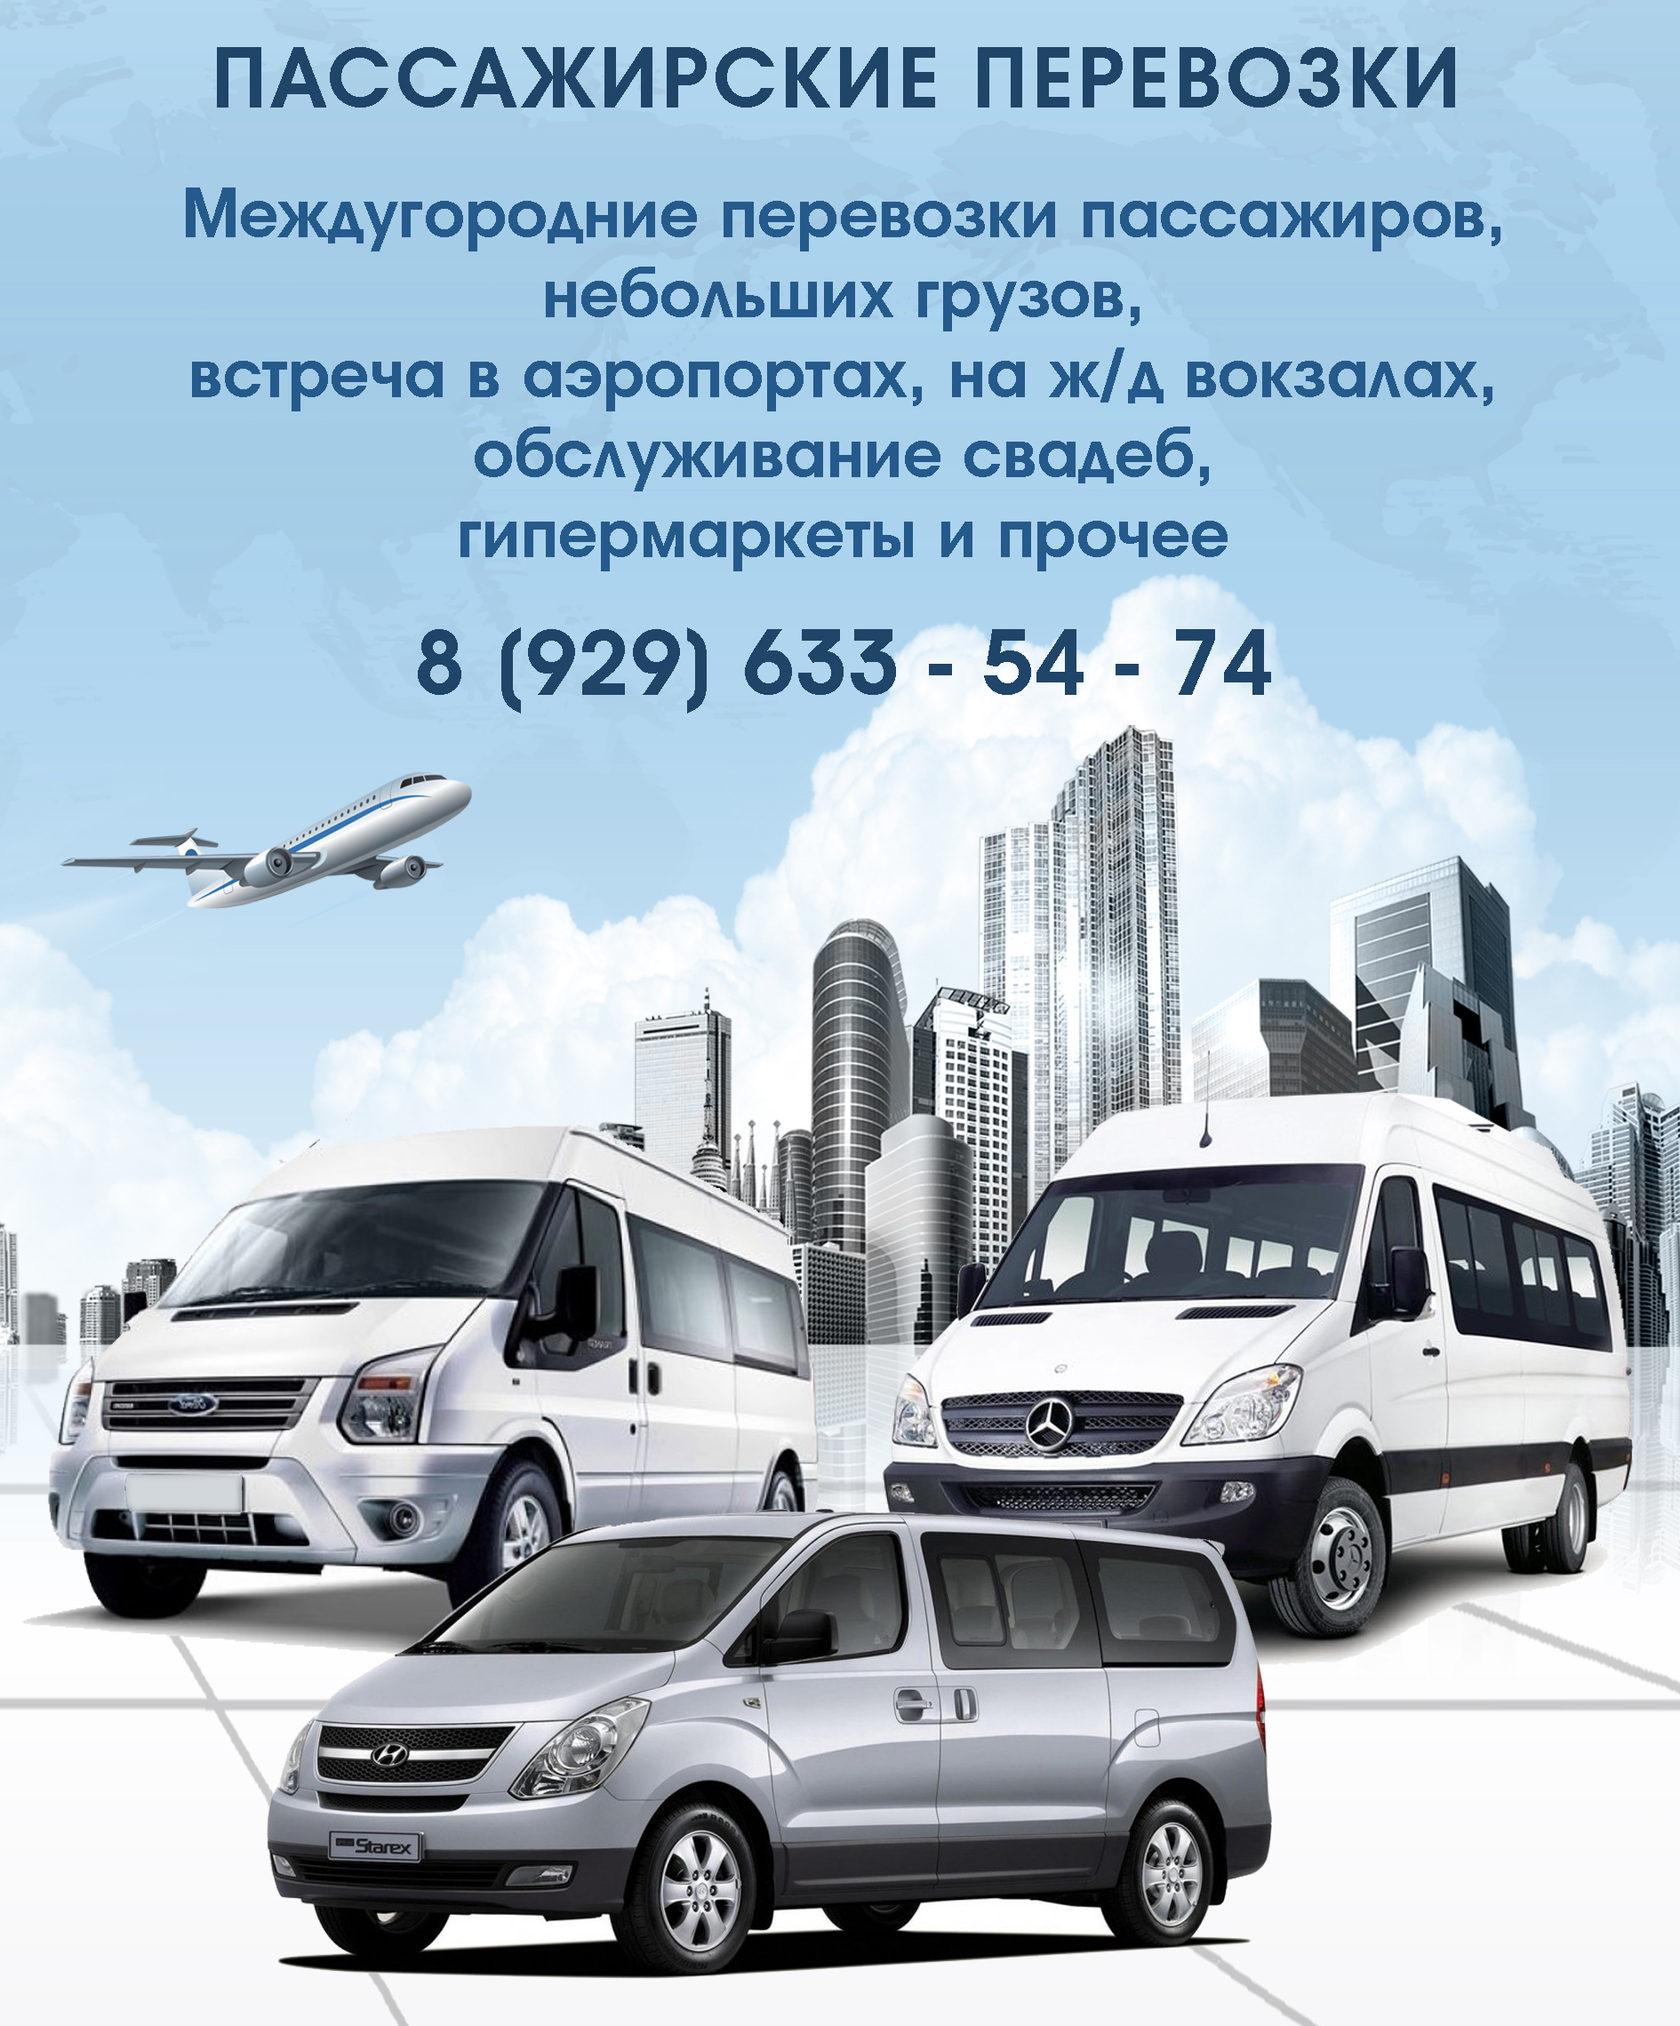 Частные пассажирские перевозки в москву мобильные бригады по ремонту спецтехники